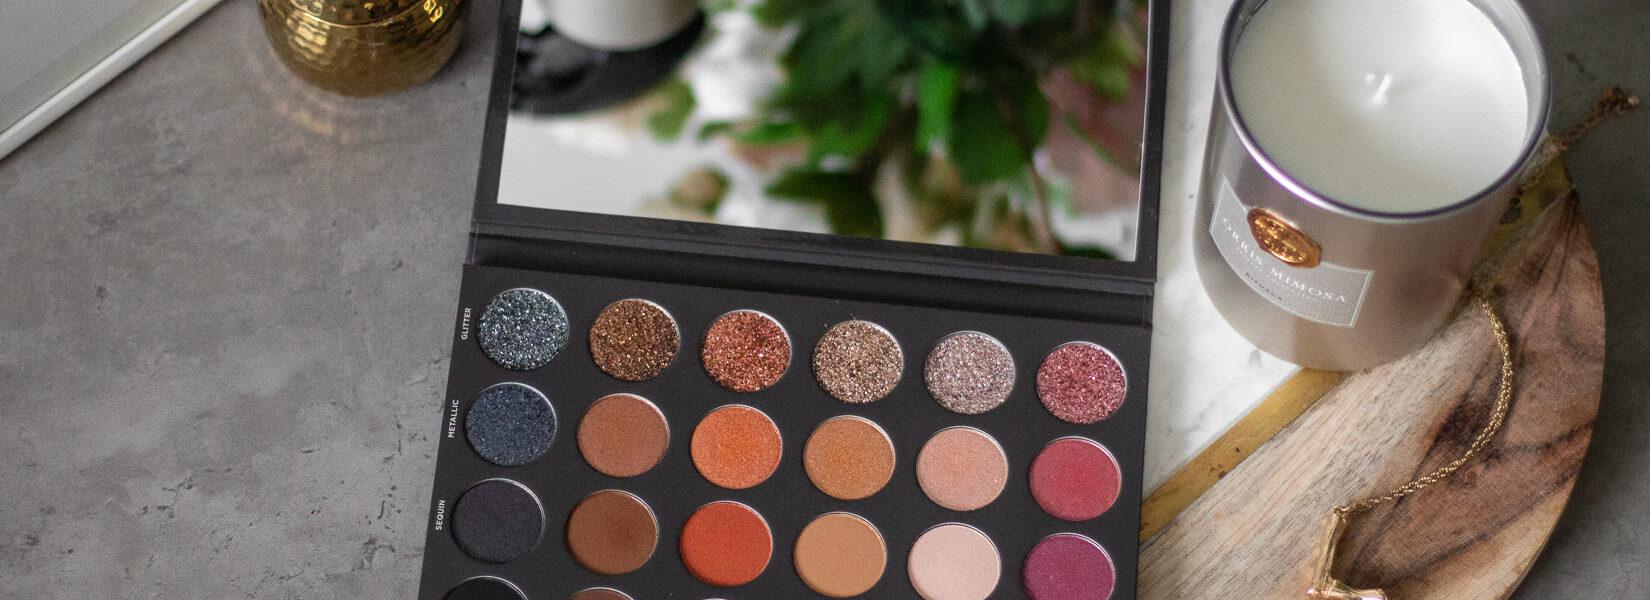 NOVÉ VIDEO! Líčení, recenze a swatche Tati Beauty Textured Neutrals Vol.1